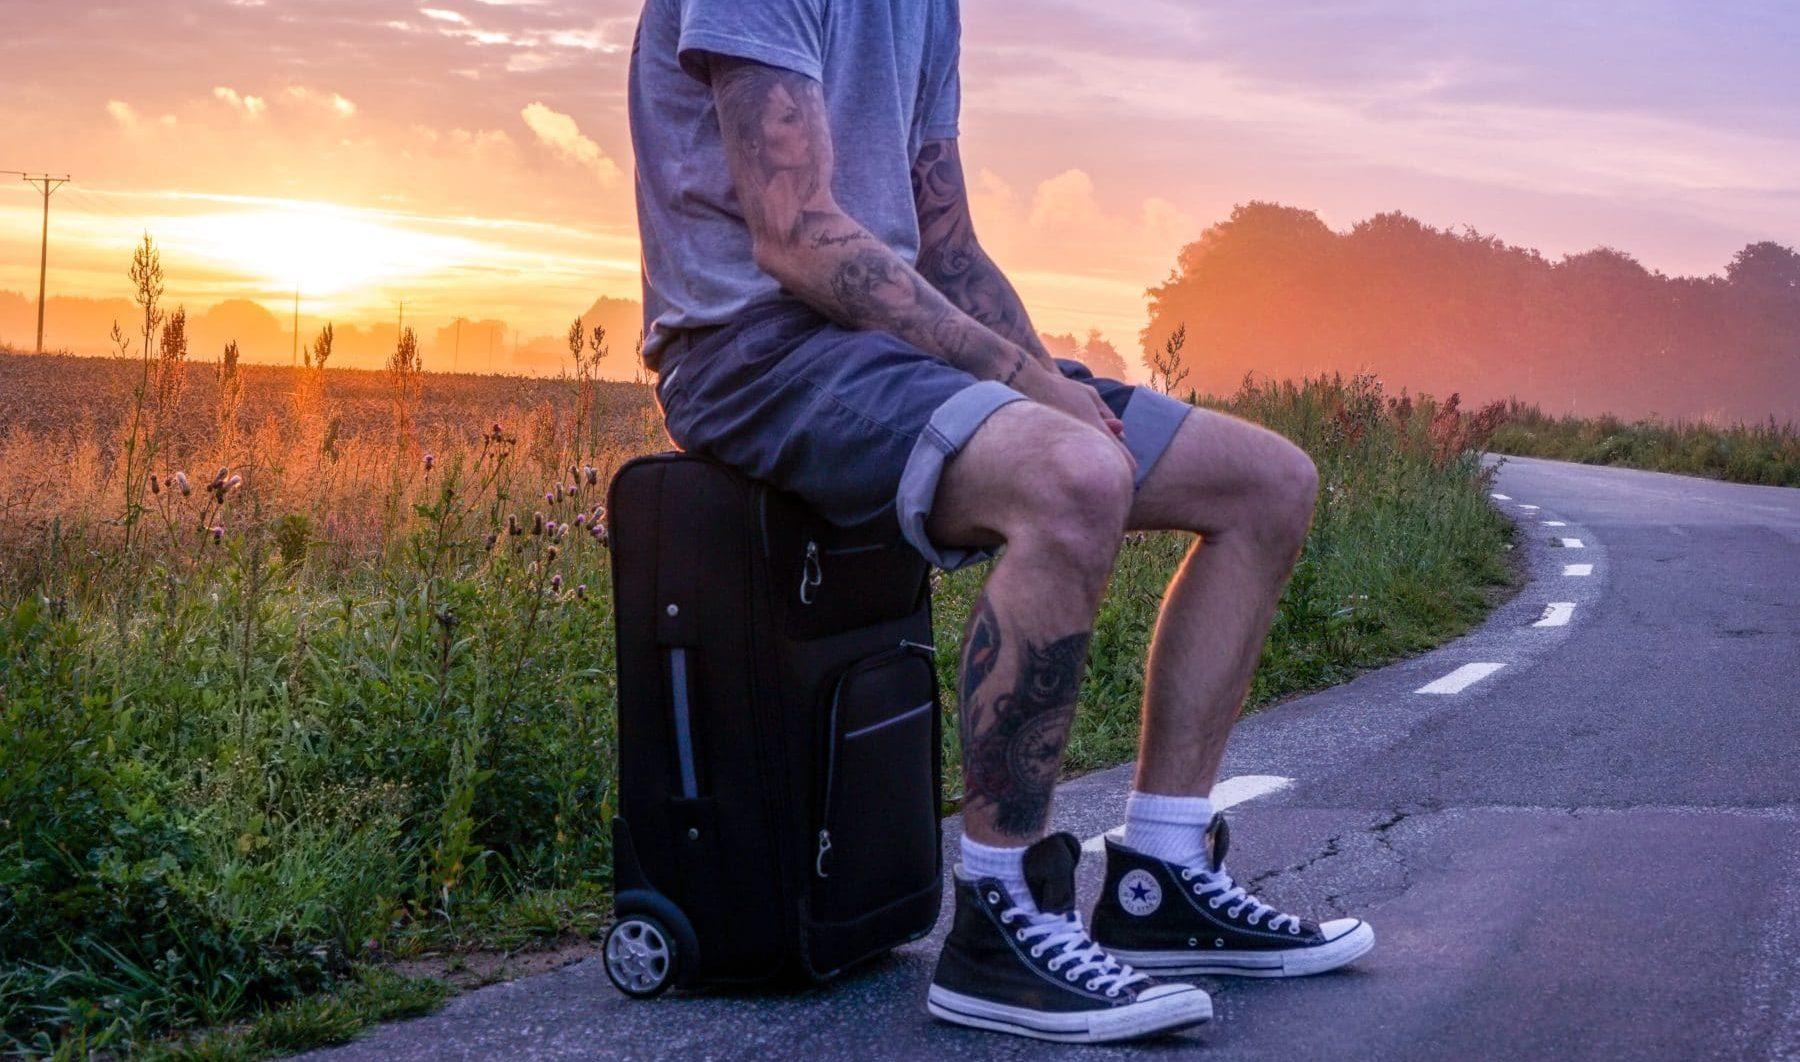 Wie Reklamiere Ich Reisemängel Richtig Worauf Muss Ich Achten